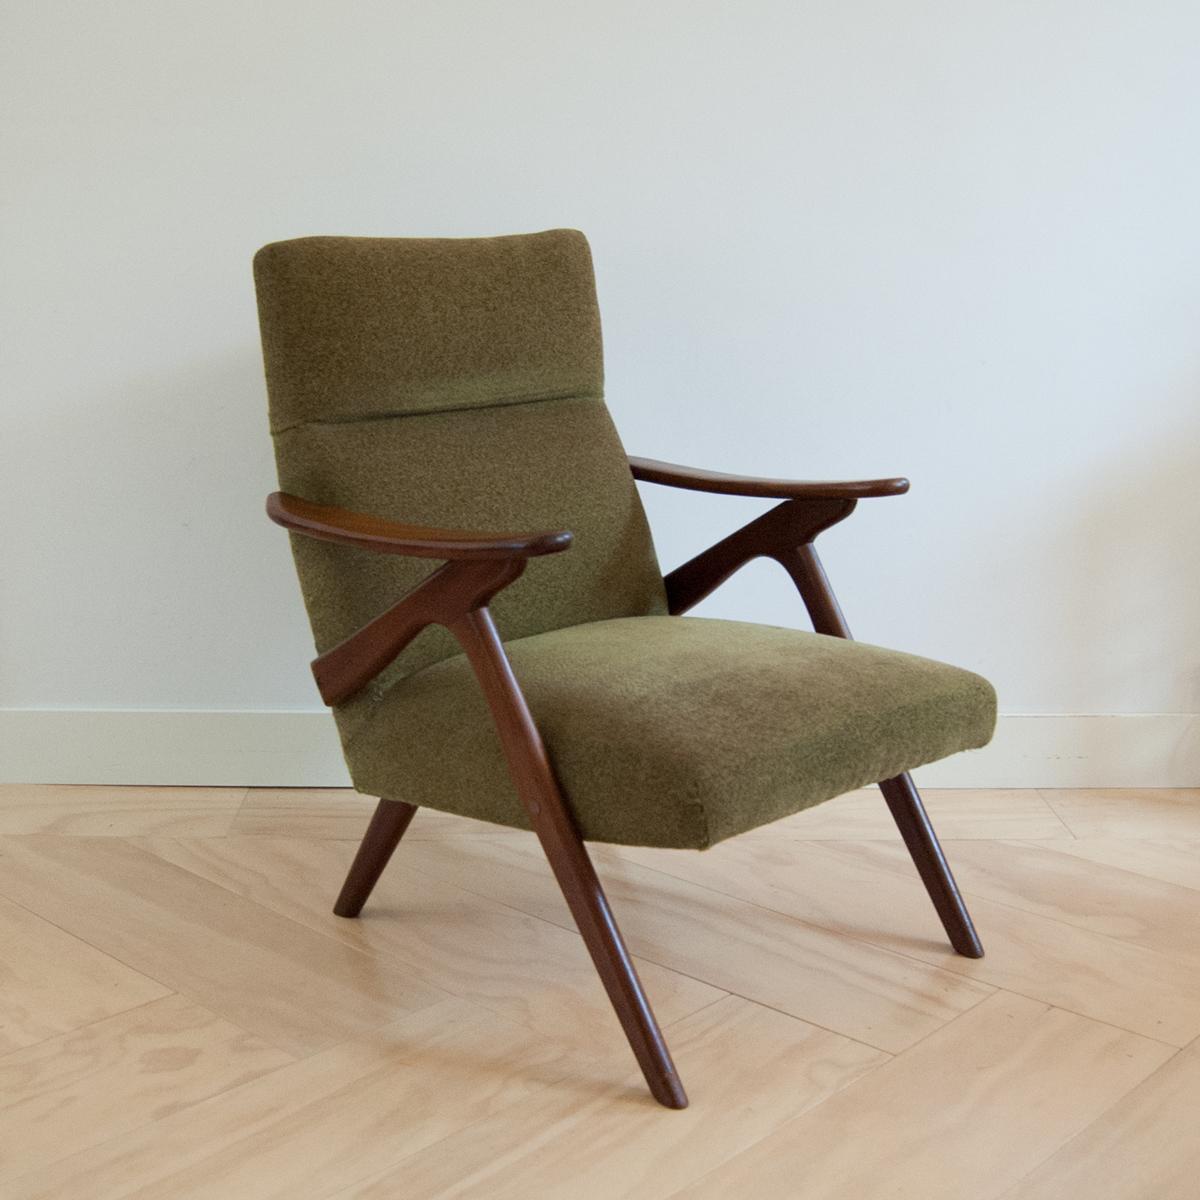 Lounge fauteuil easy chair in scandinavische stijl gebroeders van duijn - Lounge stijl ...